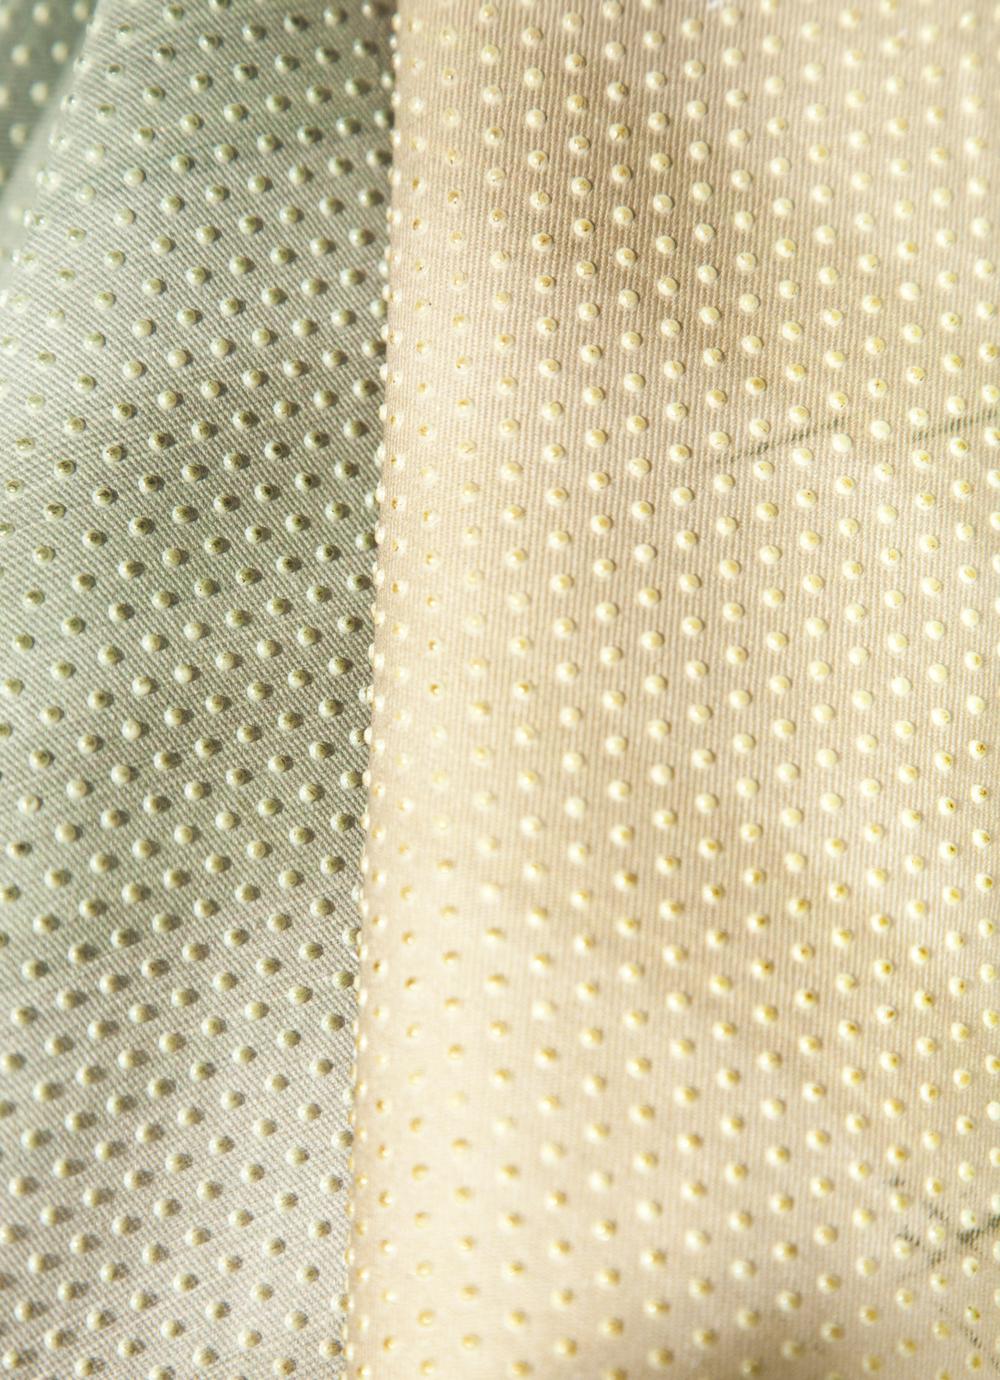 Reese-FabricStudies-12.jpg